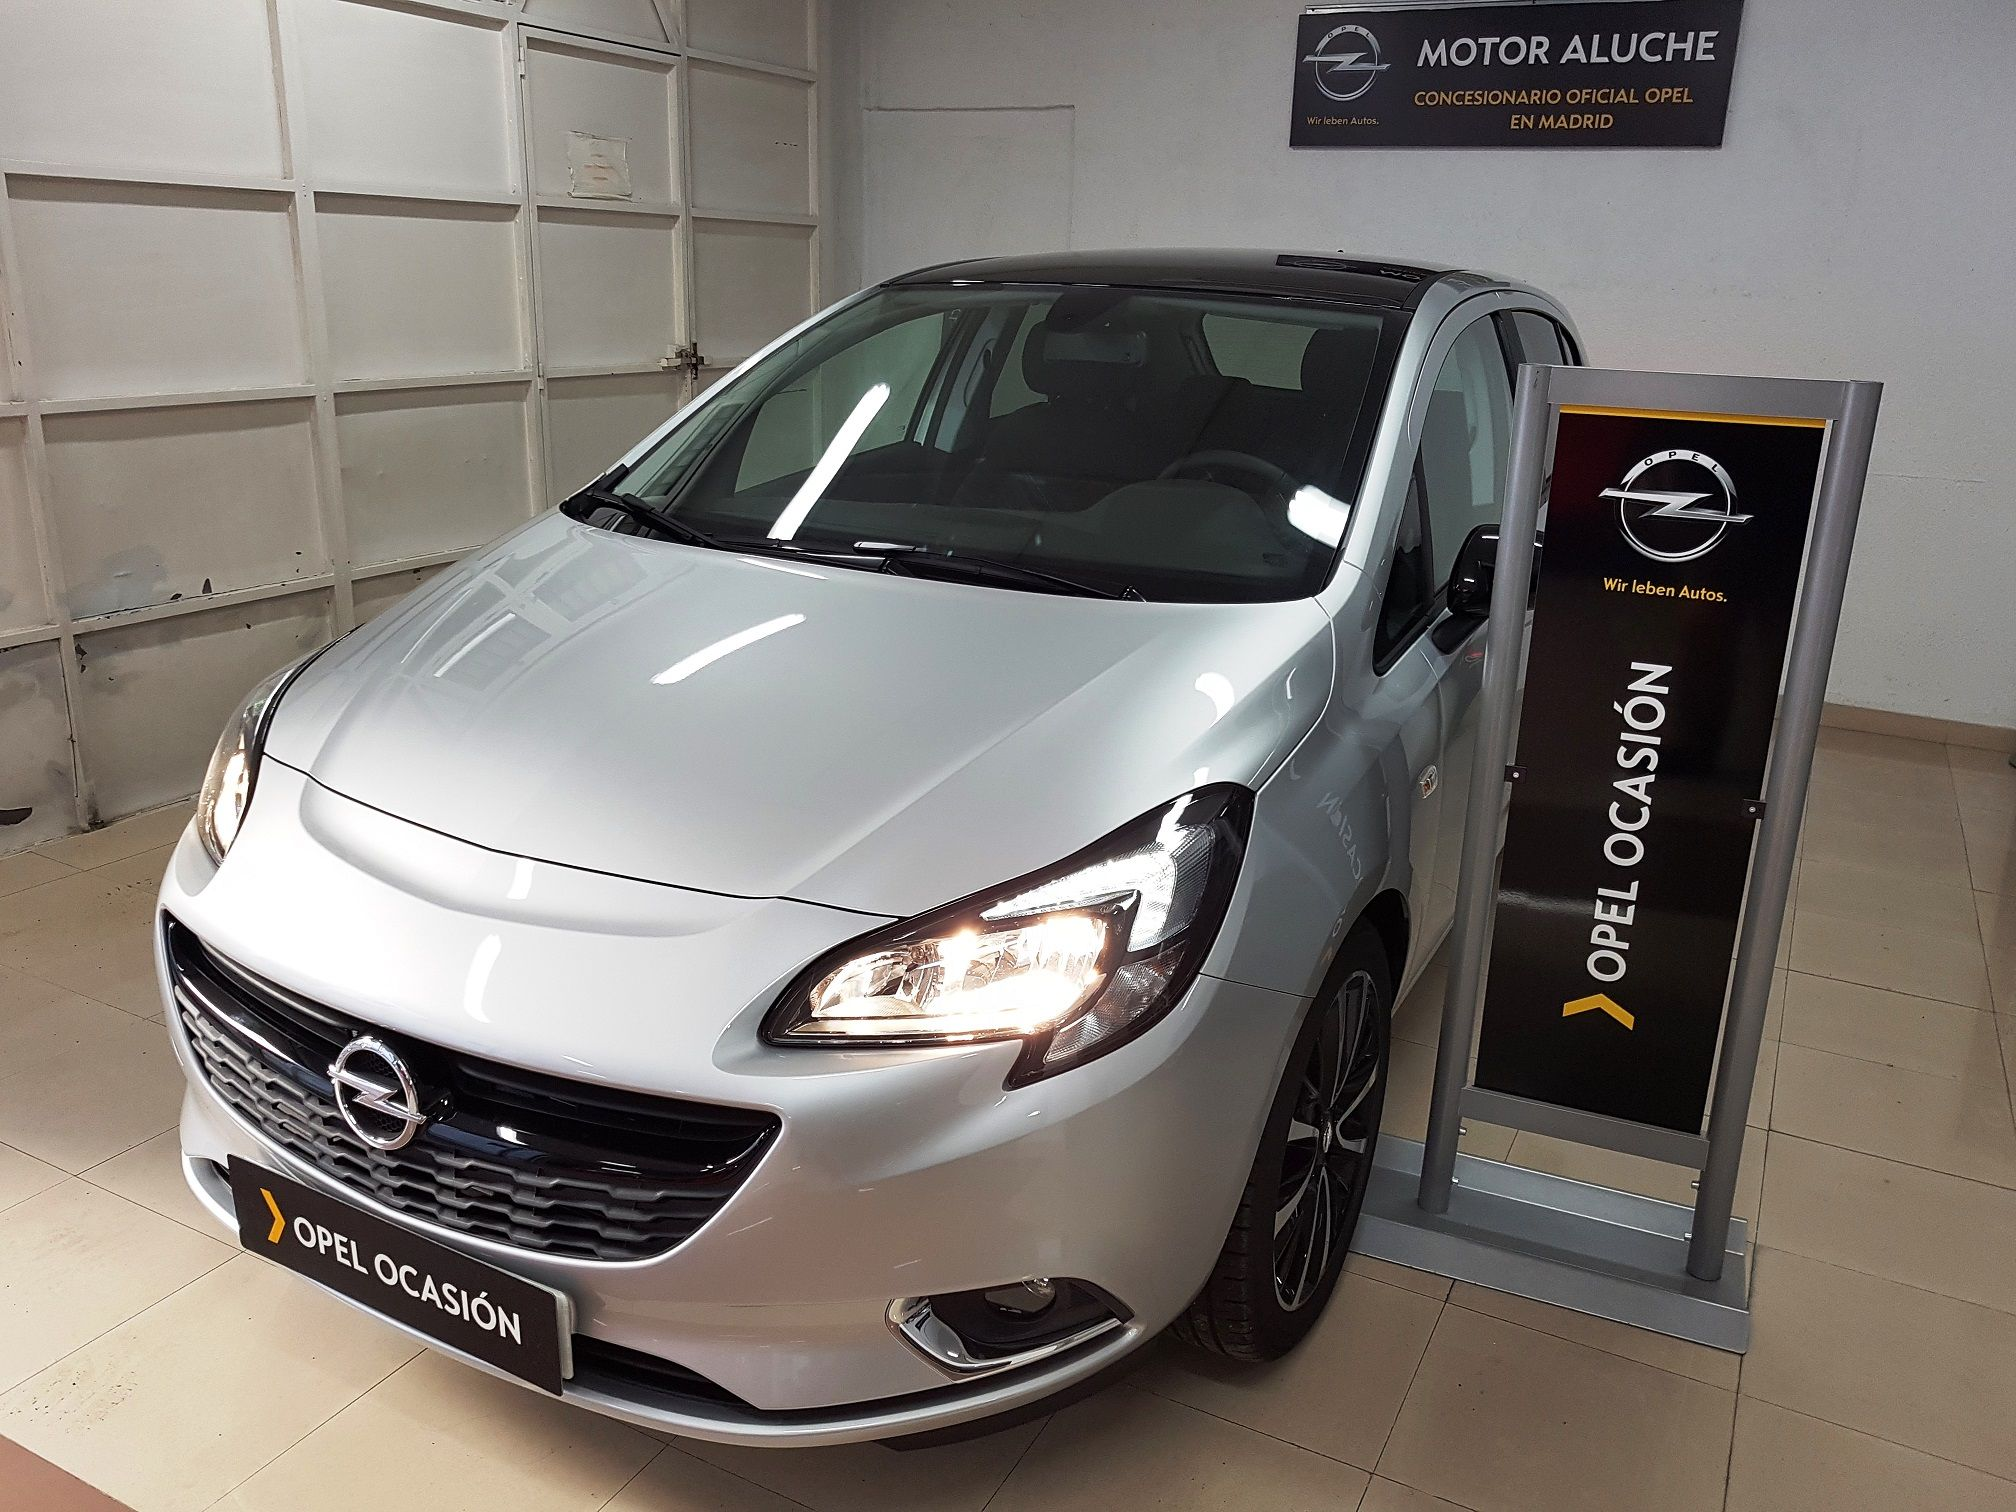 Opel Corsa 5P Design Line 1.4 (90CV) desde 11.975€